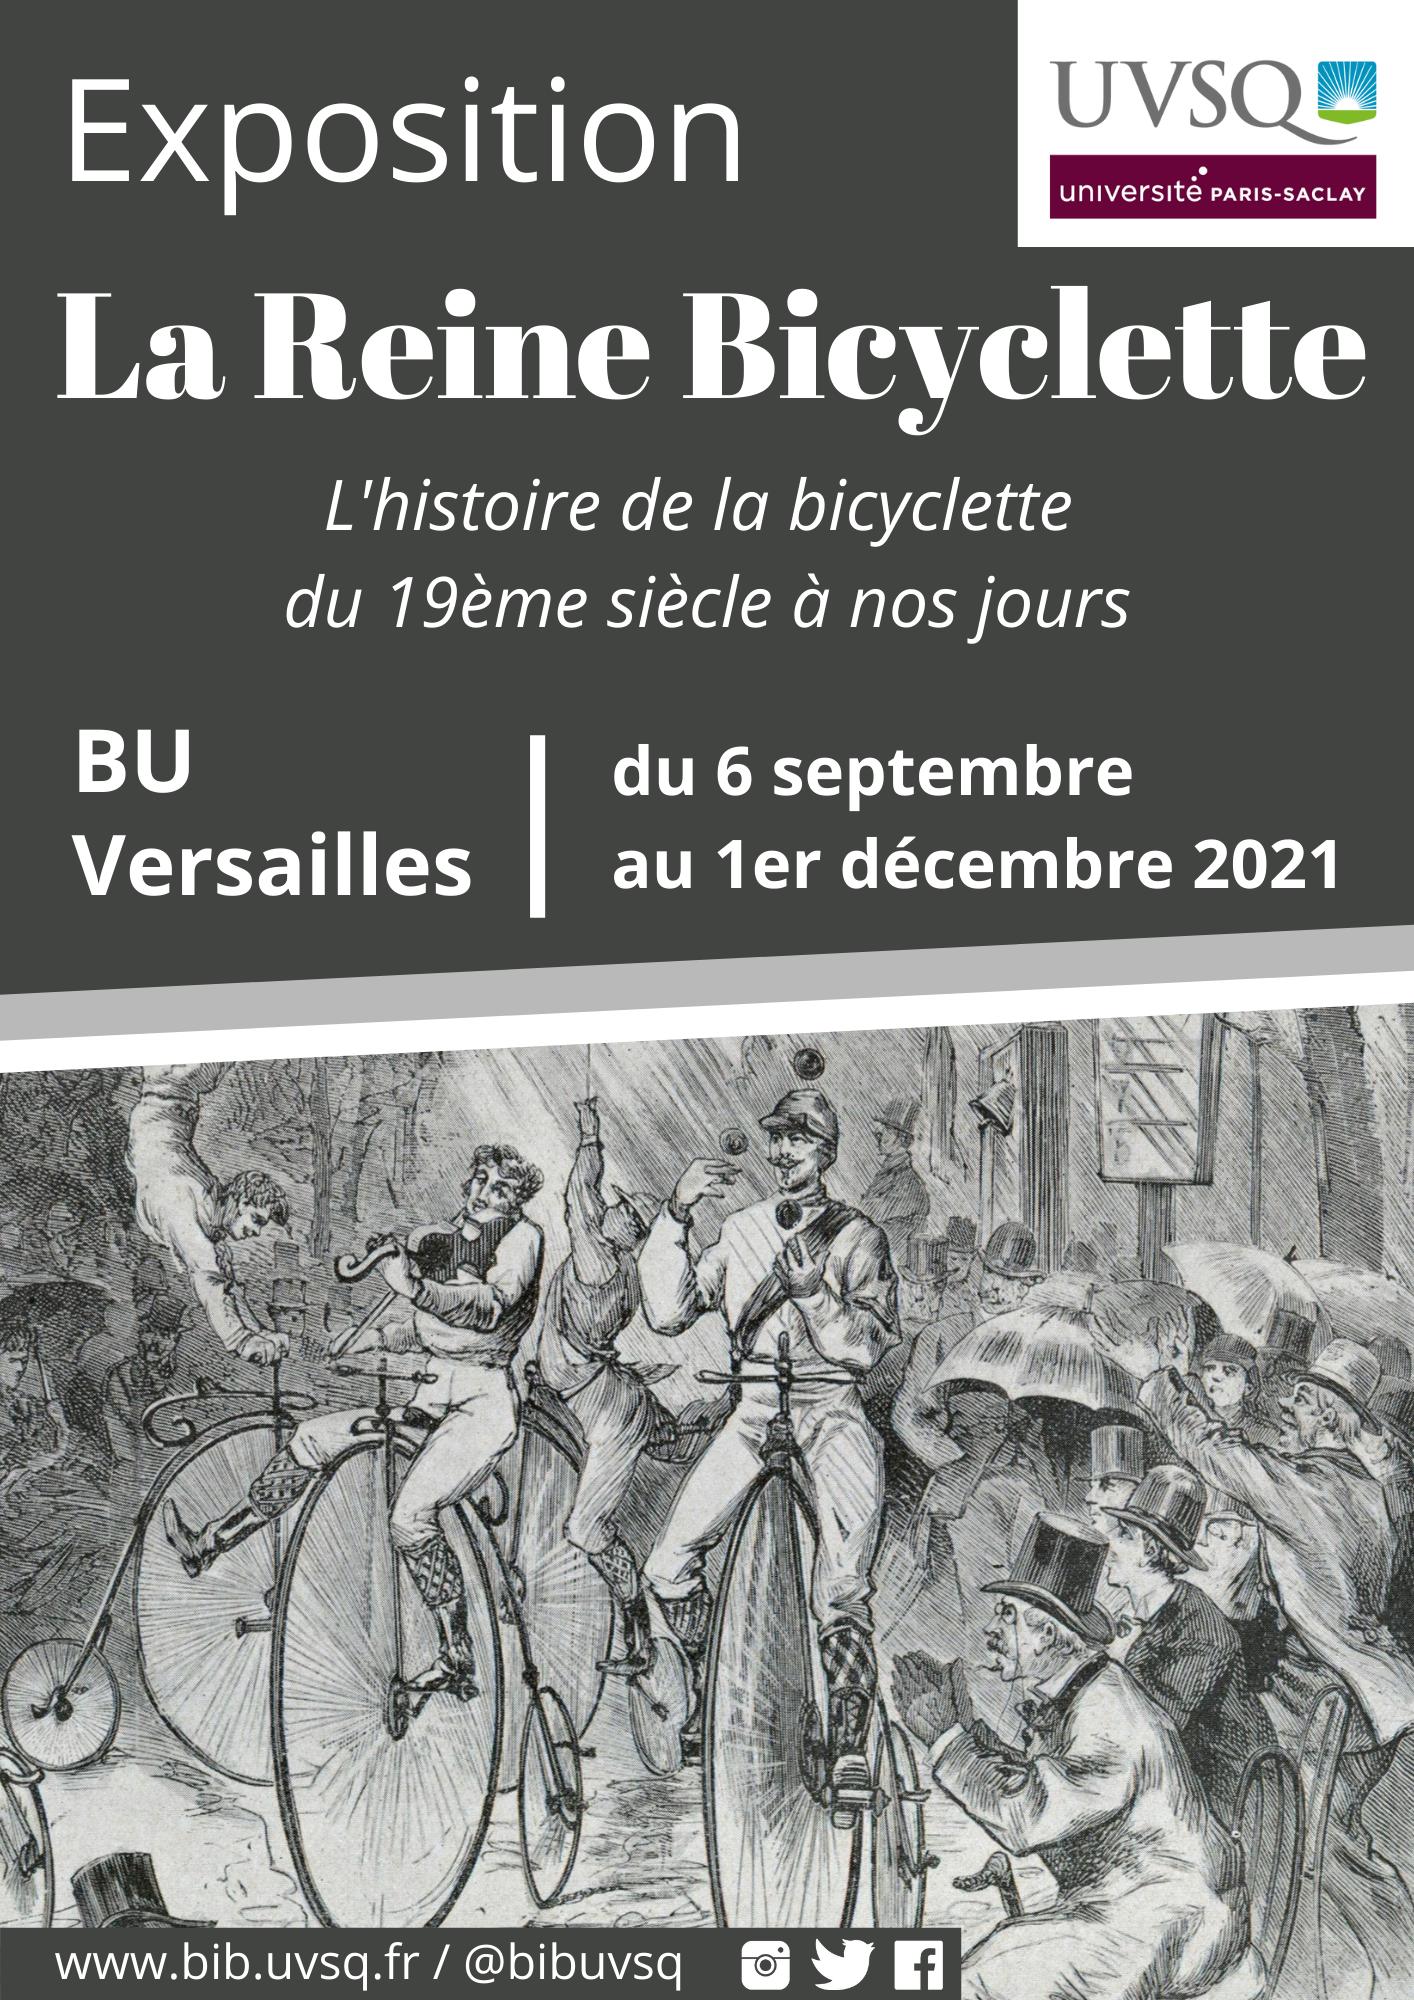 Exposition La reine bicyclette